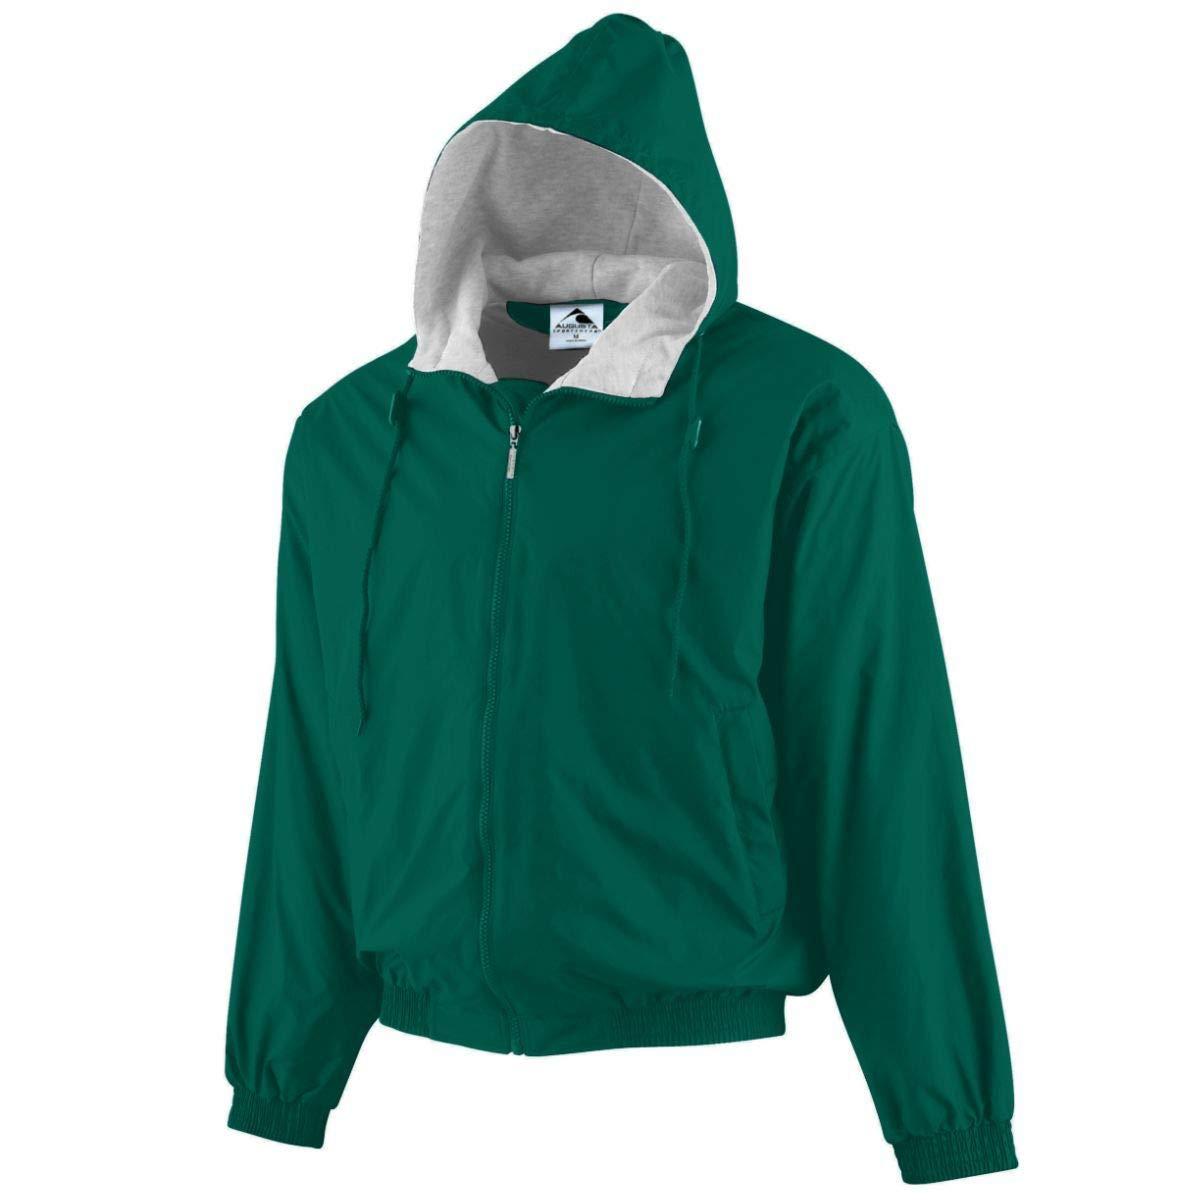 Augusta Sportswear Hooded Taffeta Jacket/Fleece Lined, Dark Green, 3X-Large by Augusta Sportswear